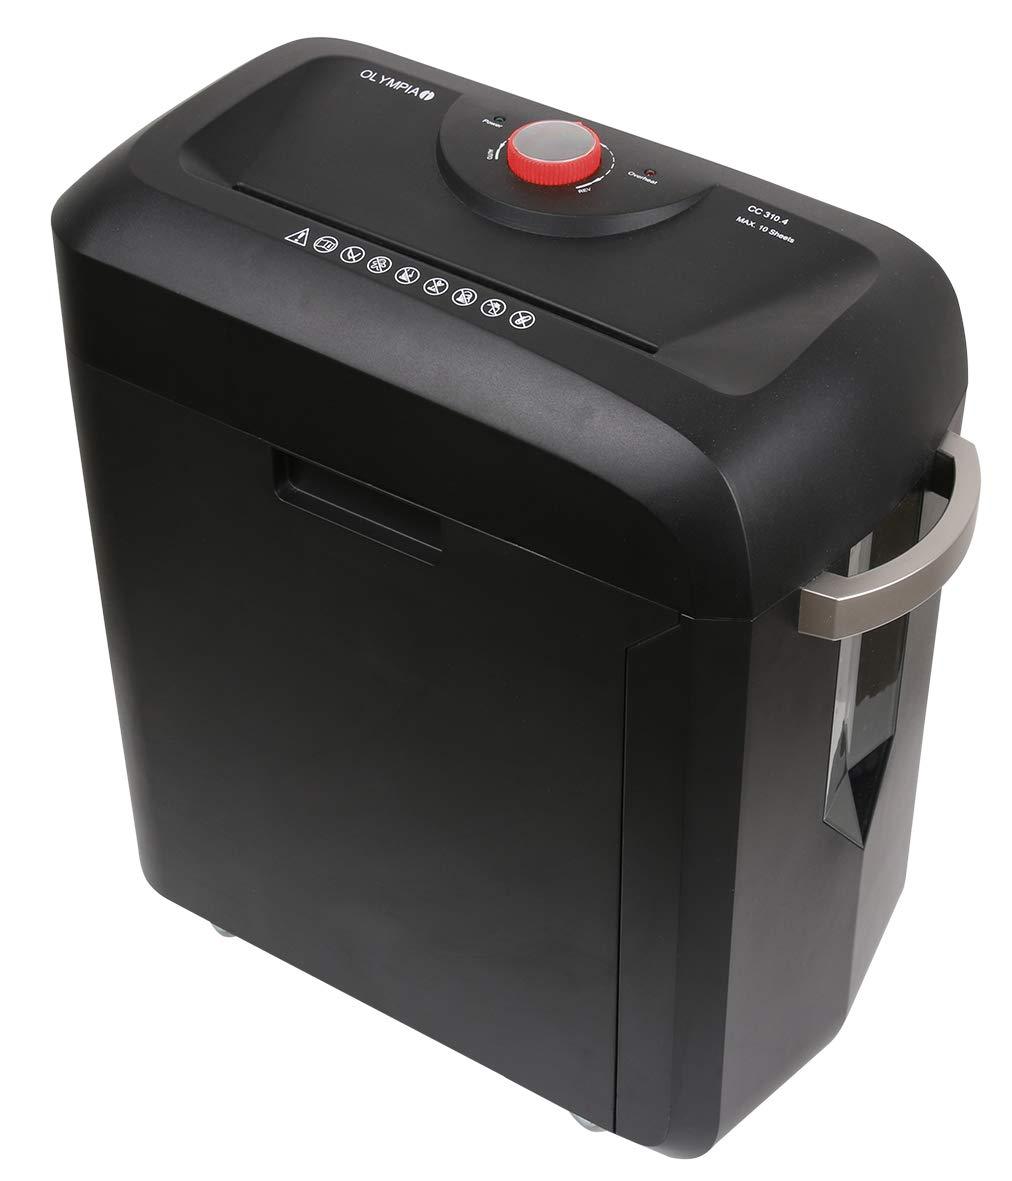 Olympia MC 310.4 Premium Aktenvernichter Büro (Sicherheitsstufe P4, Partikelschnitt, 10 Blätter 80g/m², Papiervernichter mit automatischem Einzug, Schredder mit Mikroschnitt) 10 Blätter 80g/m² CC 310.4